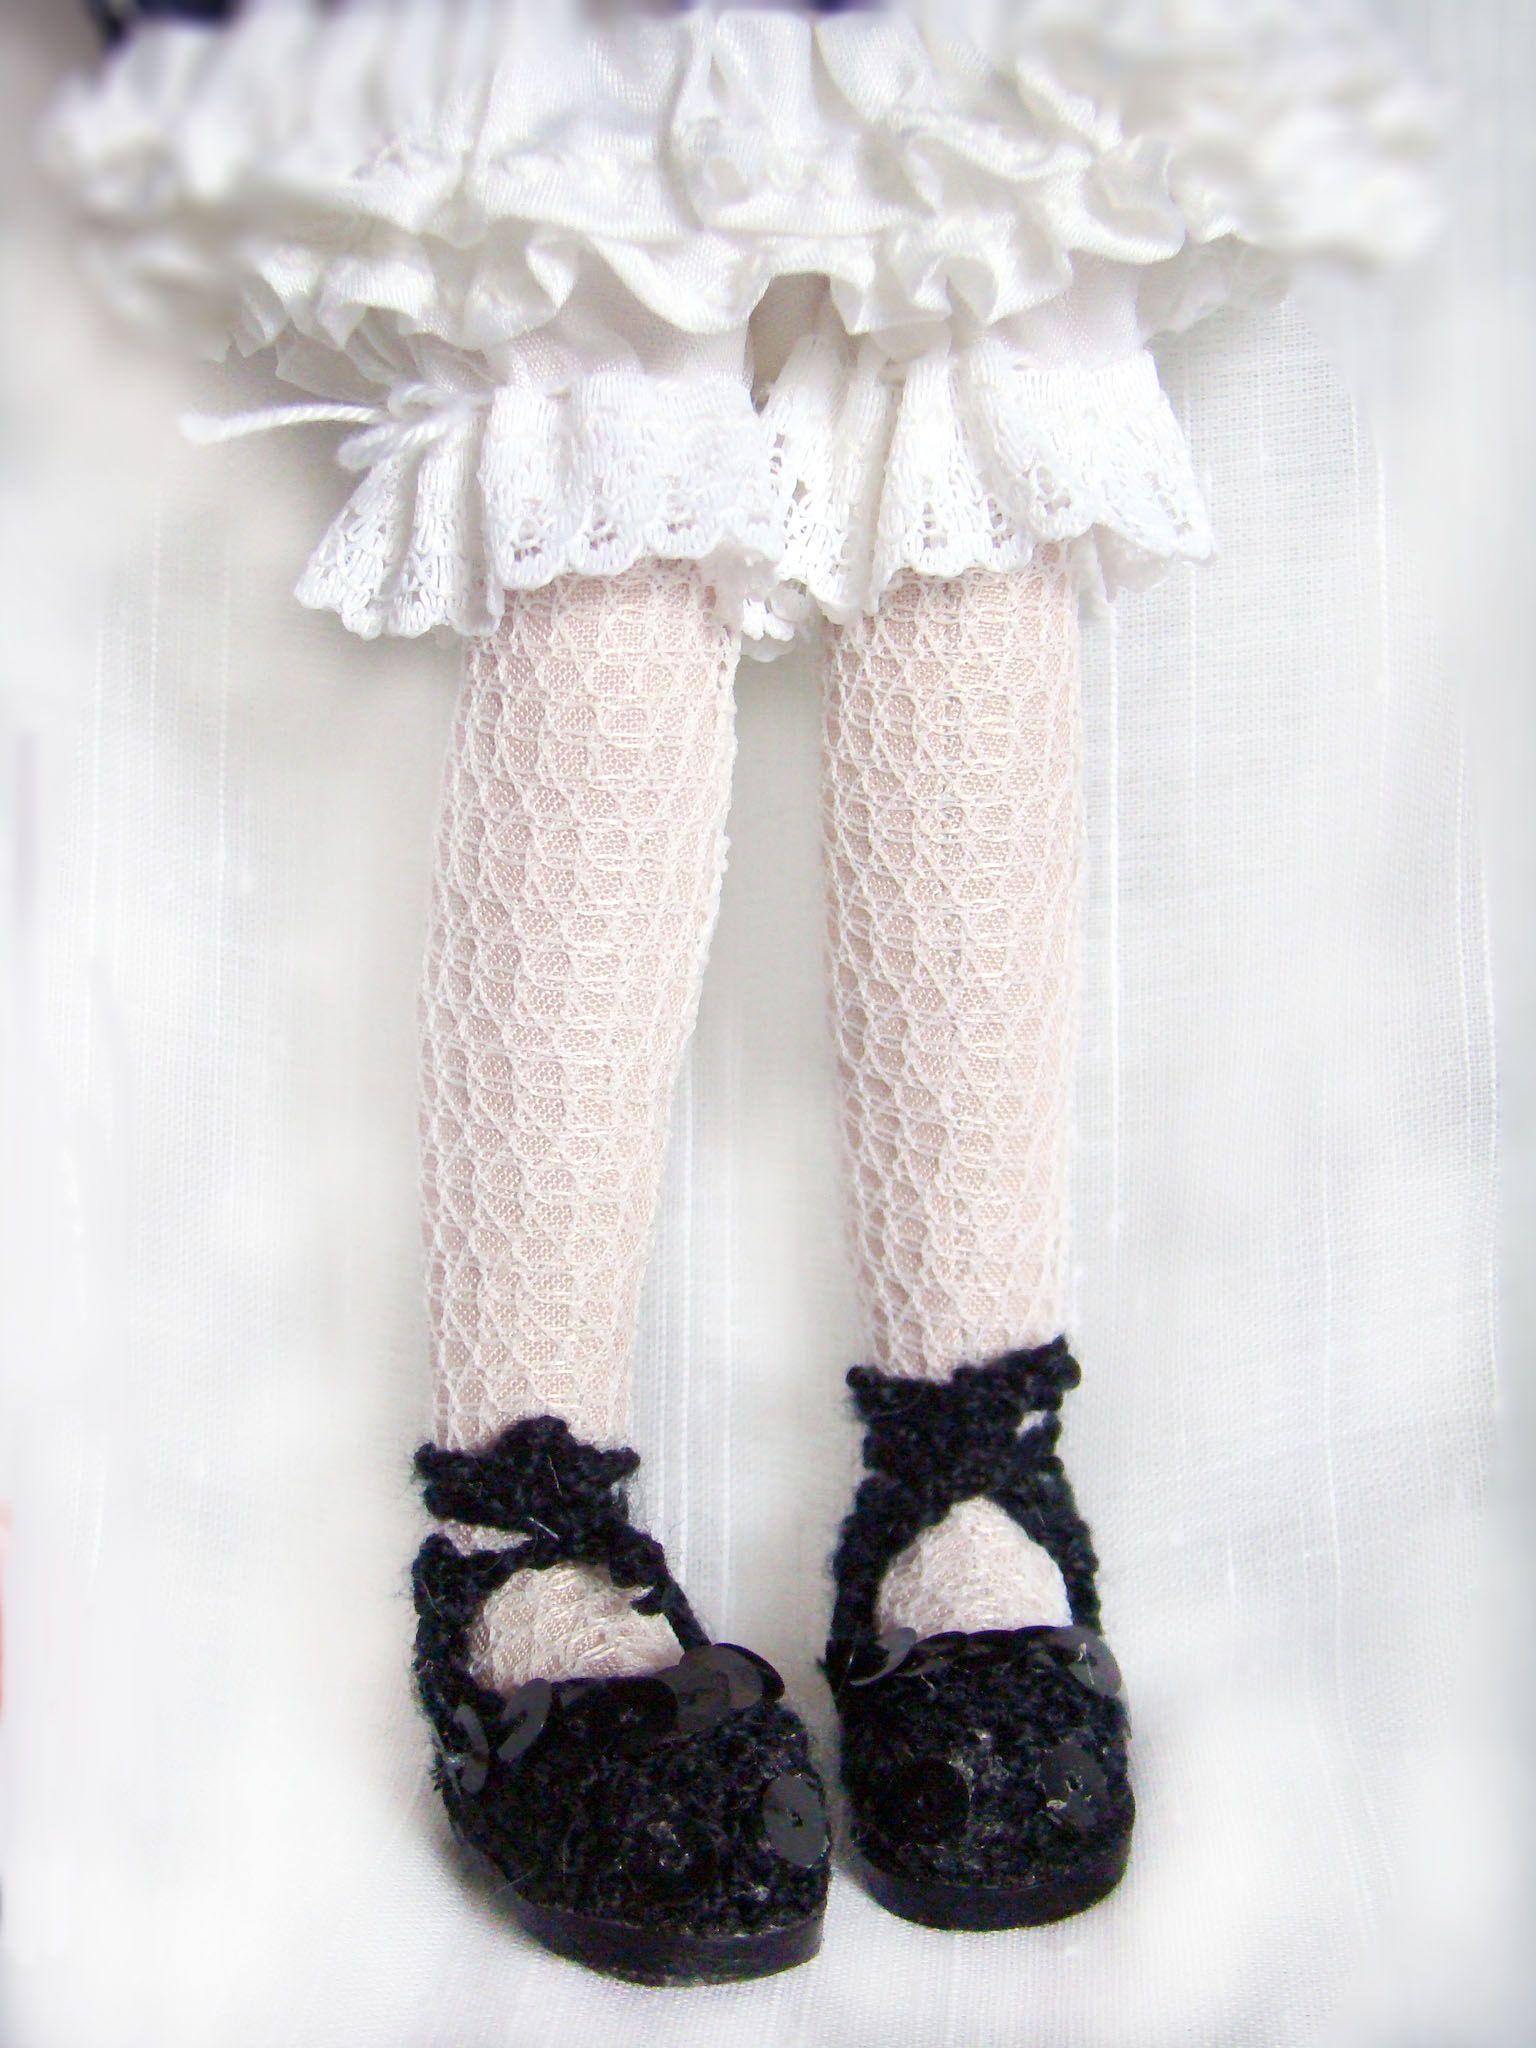 интерьерная авторская подарок домашний декор коллекционная кукла уникальный декоративная ручной работы ткани текстильная